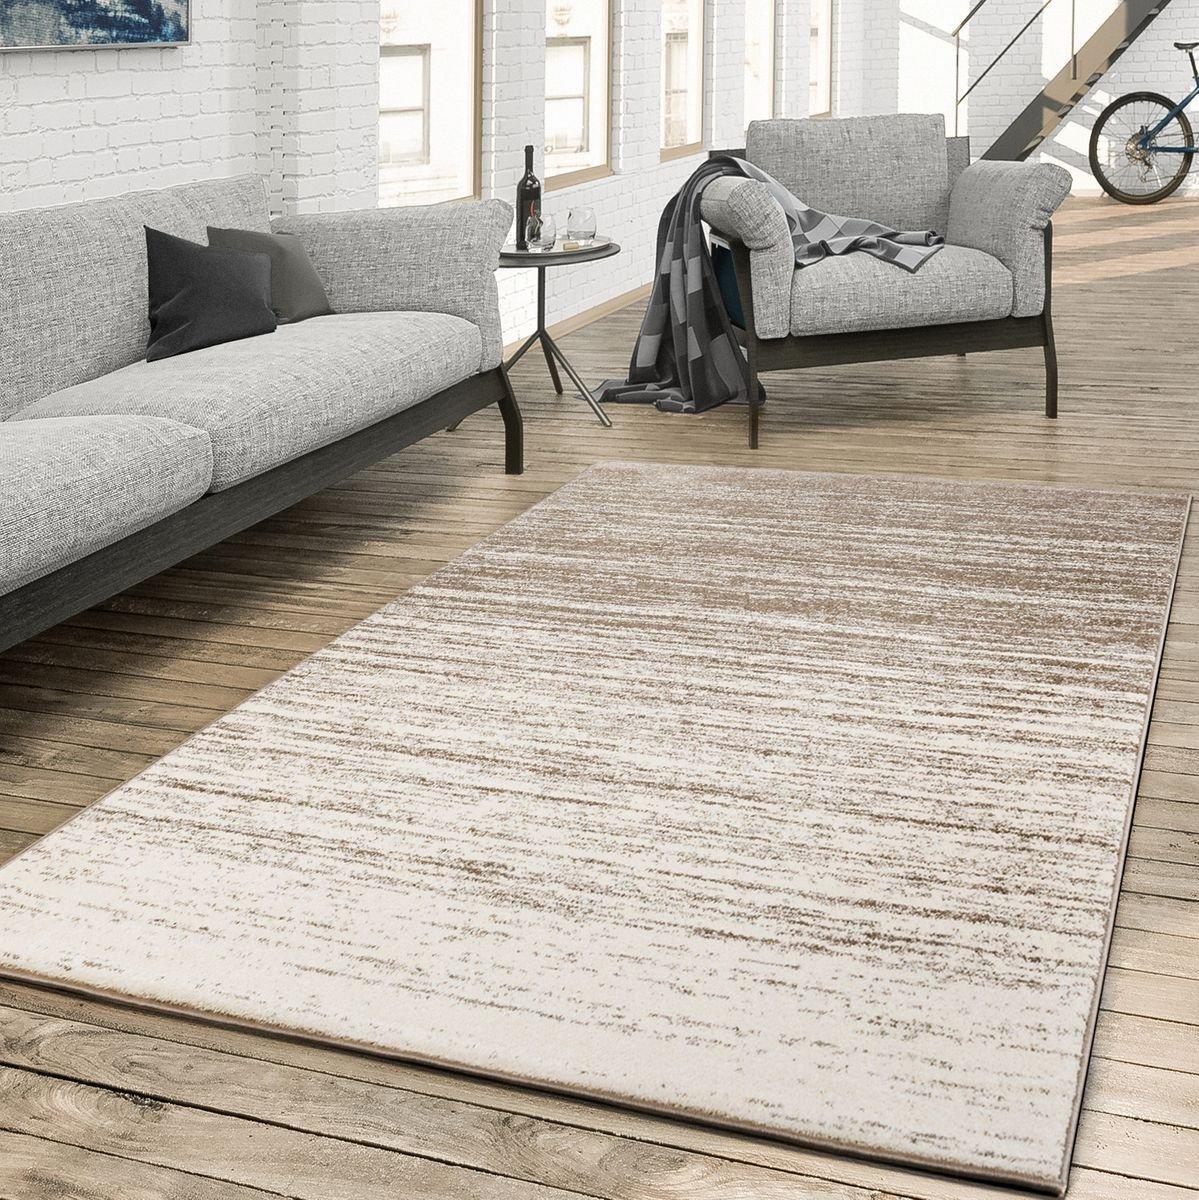 T&T Design Teppich für Das Wohnzimmer Farbverlauf Modern Creme Beige, Größe 230x320 cm